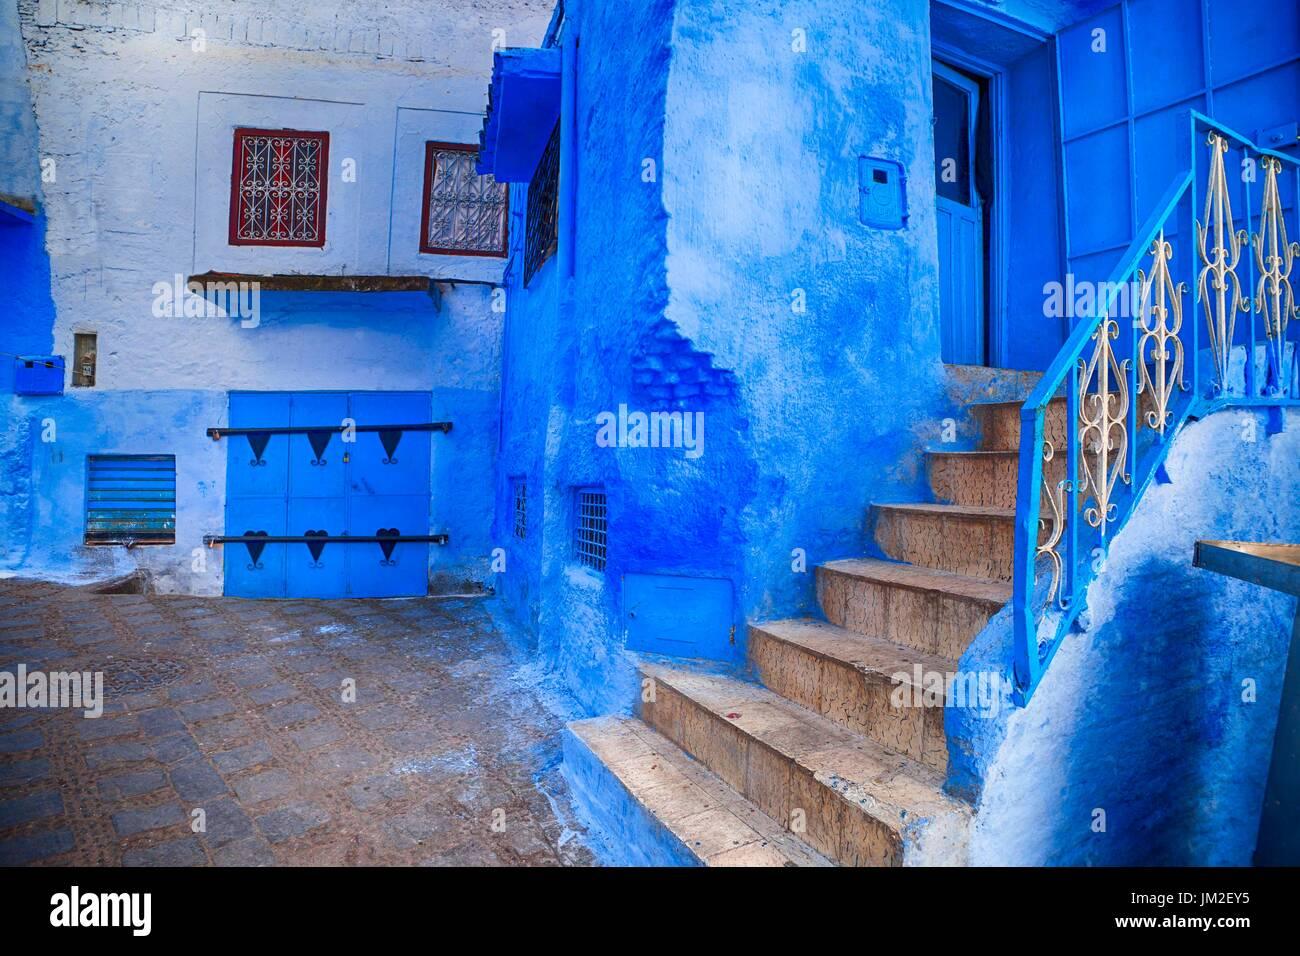 Die blaue Stadt, Marokko Stockfoto